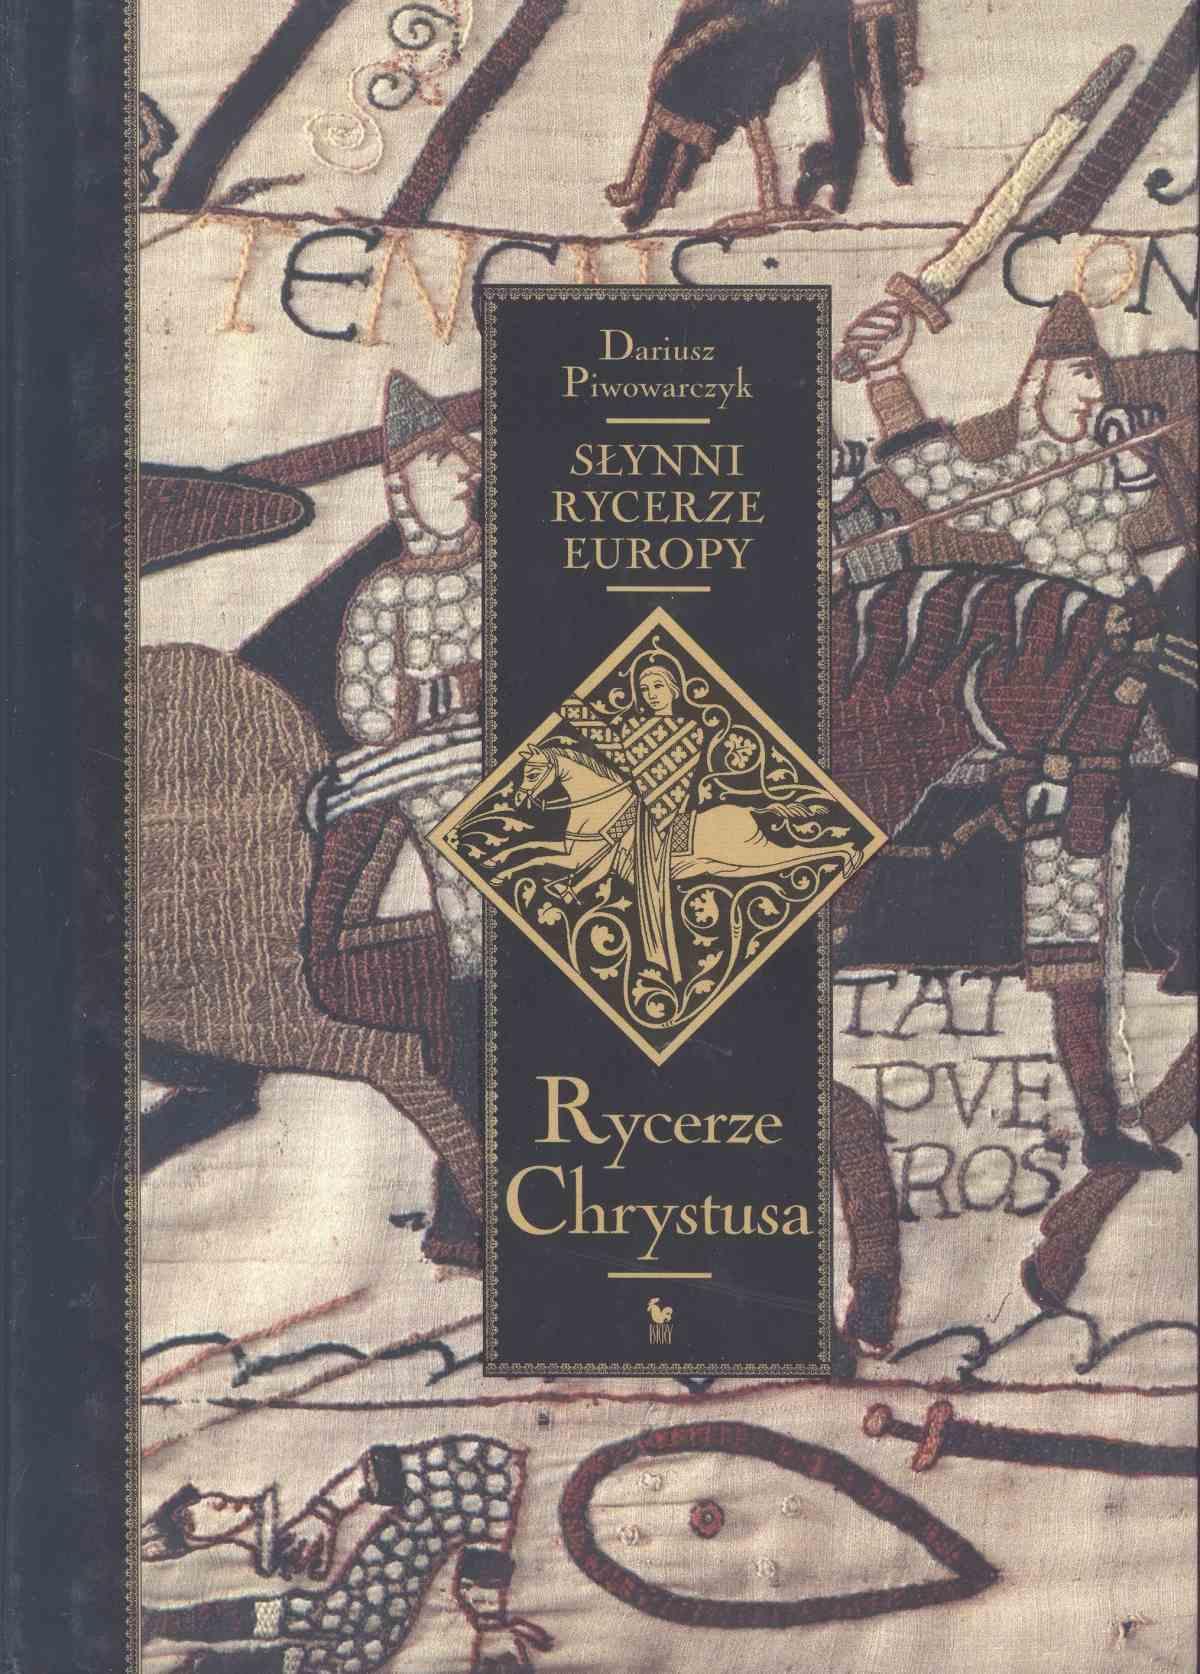 Słynni rycerze Europy. Tom 1. Rycerze Chrystusa - Ebook (Książka EPUB) do pobrania w formacie EPUB